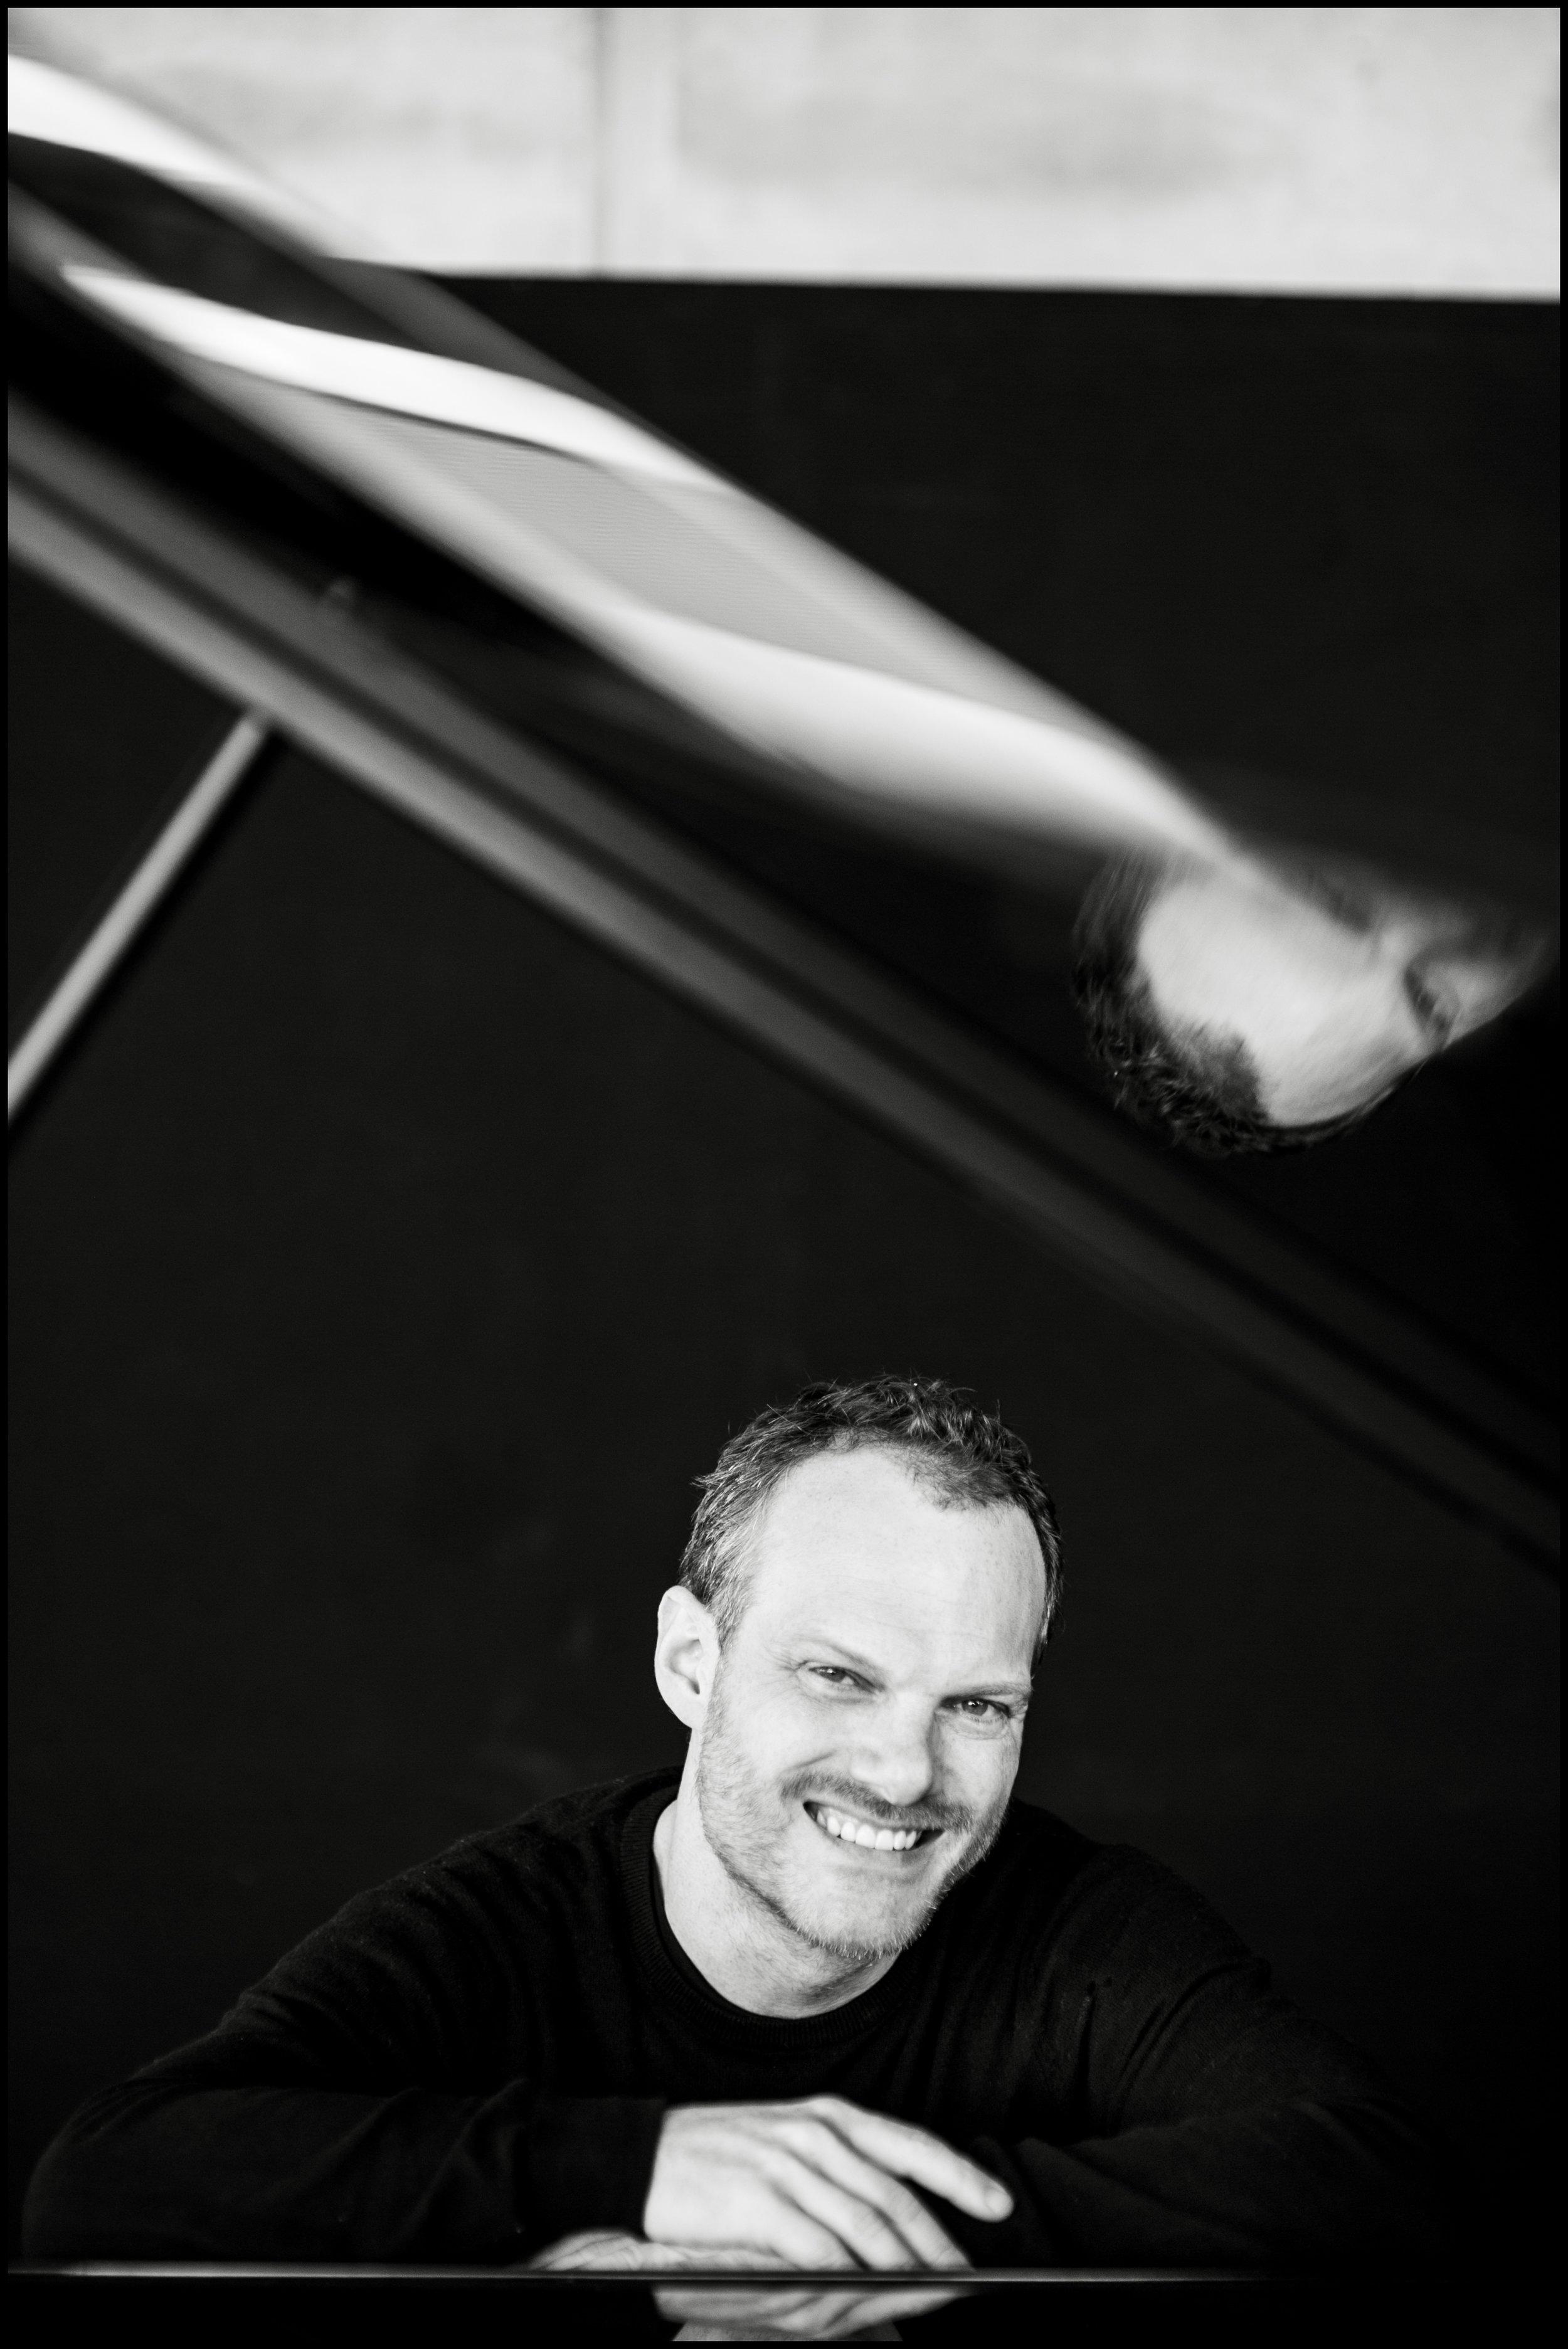 Lars Vogt_Giorgia Bertazzi.jpg